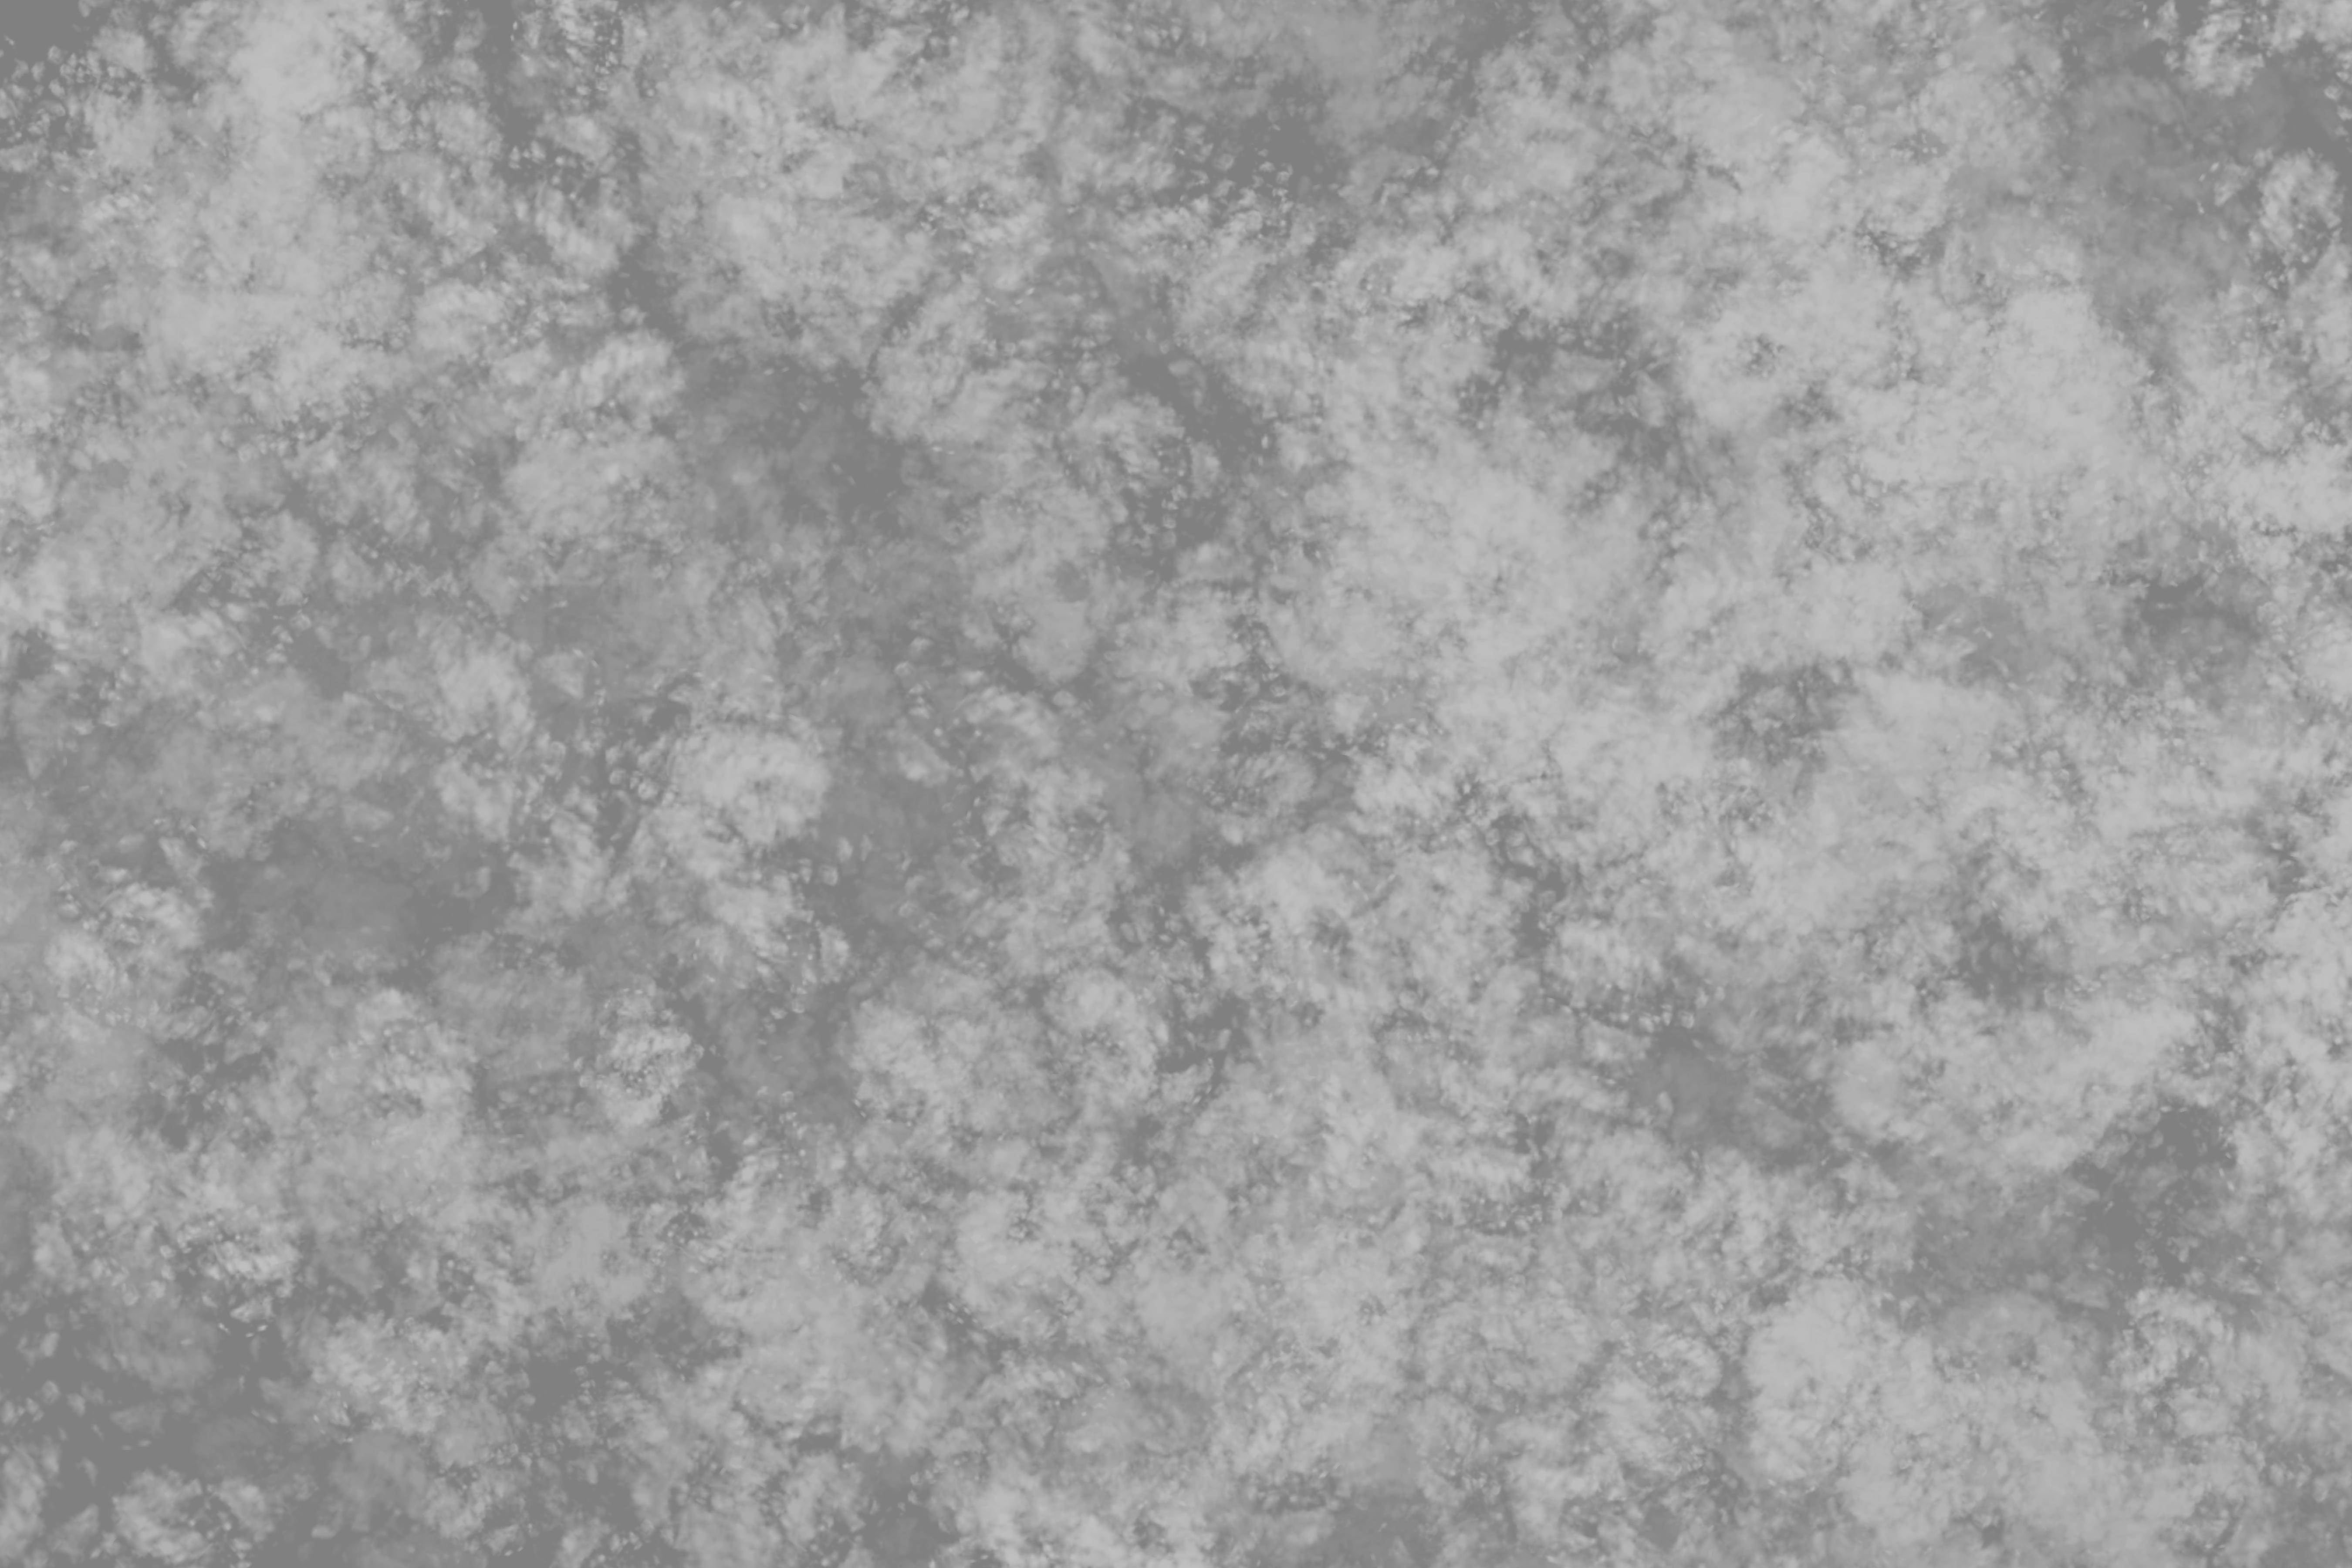 Gray And Tan Wallpaper Wallpapersafari